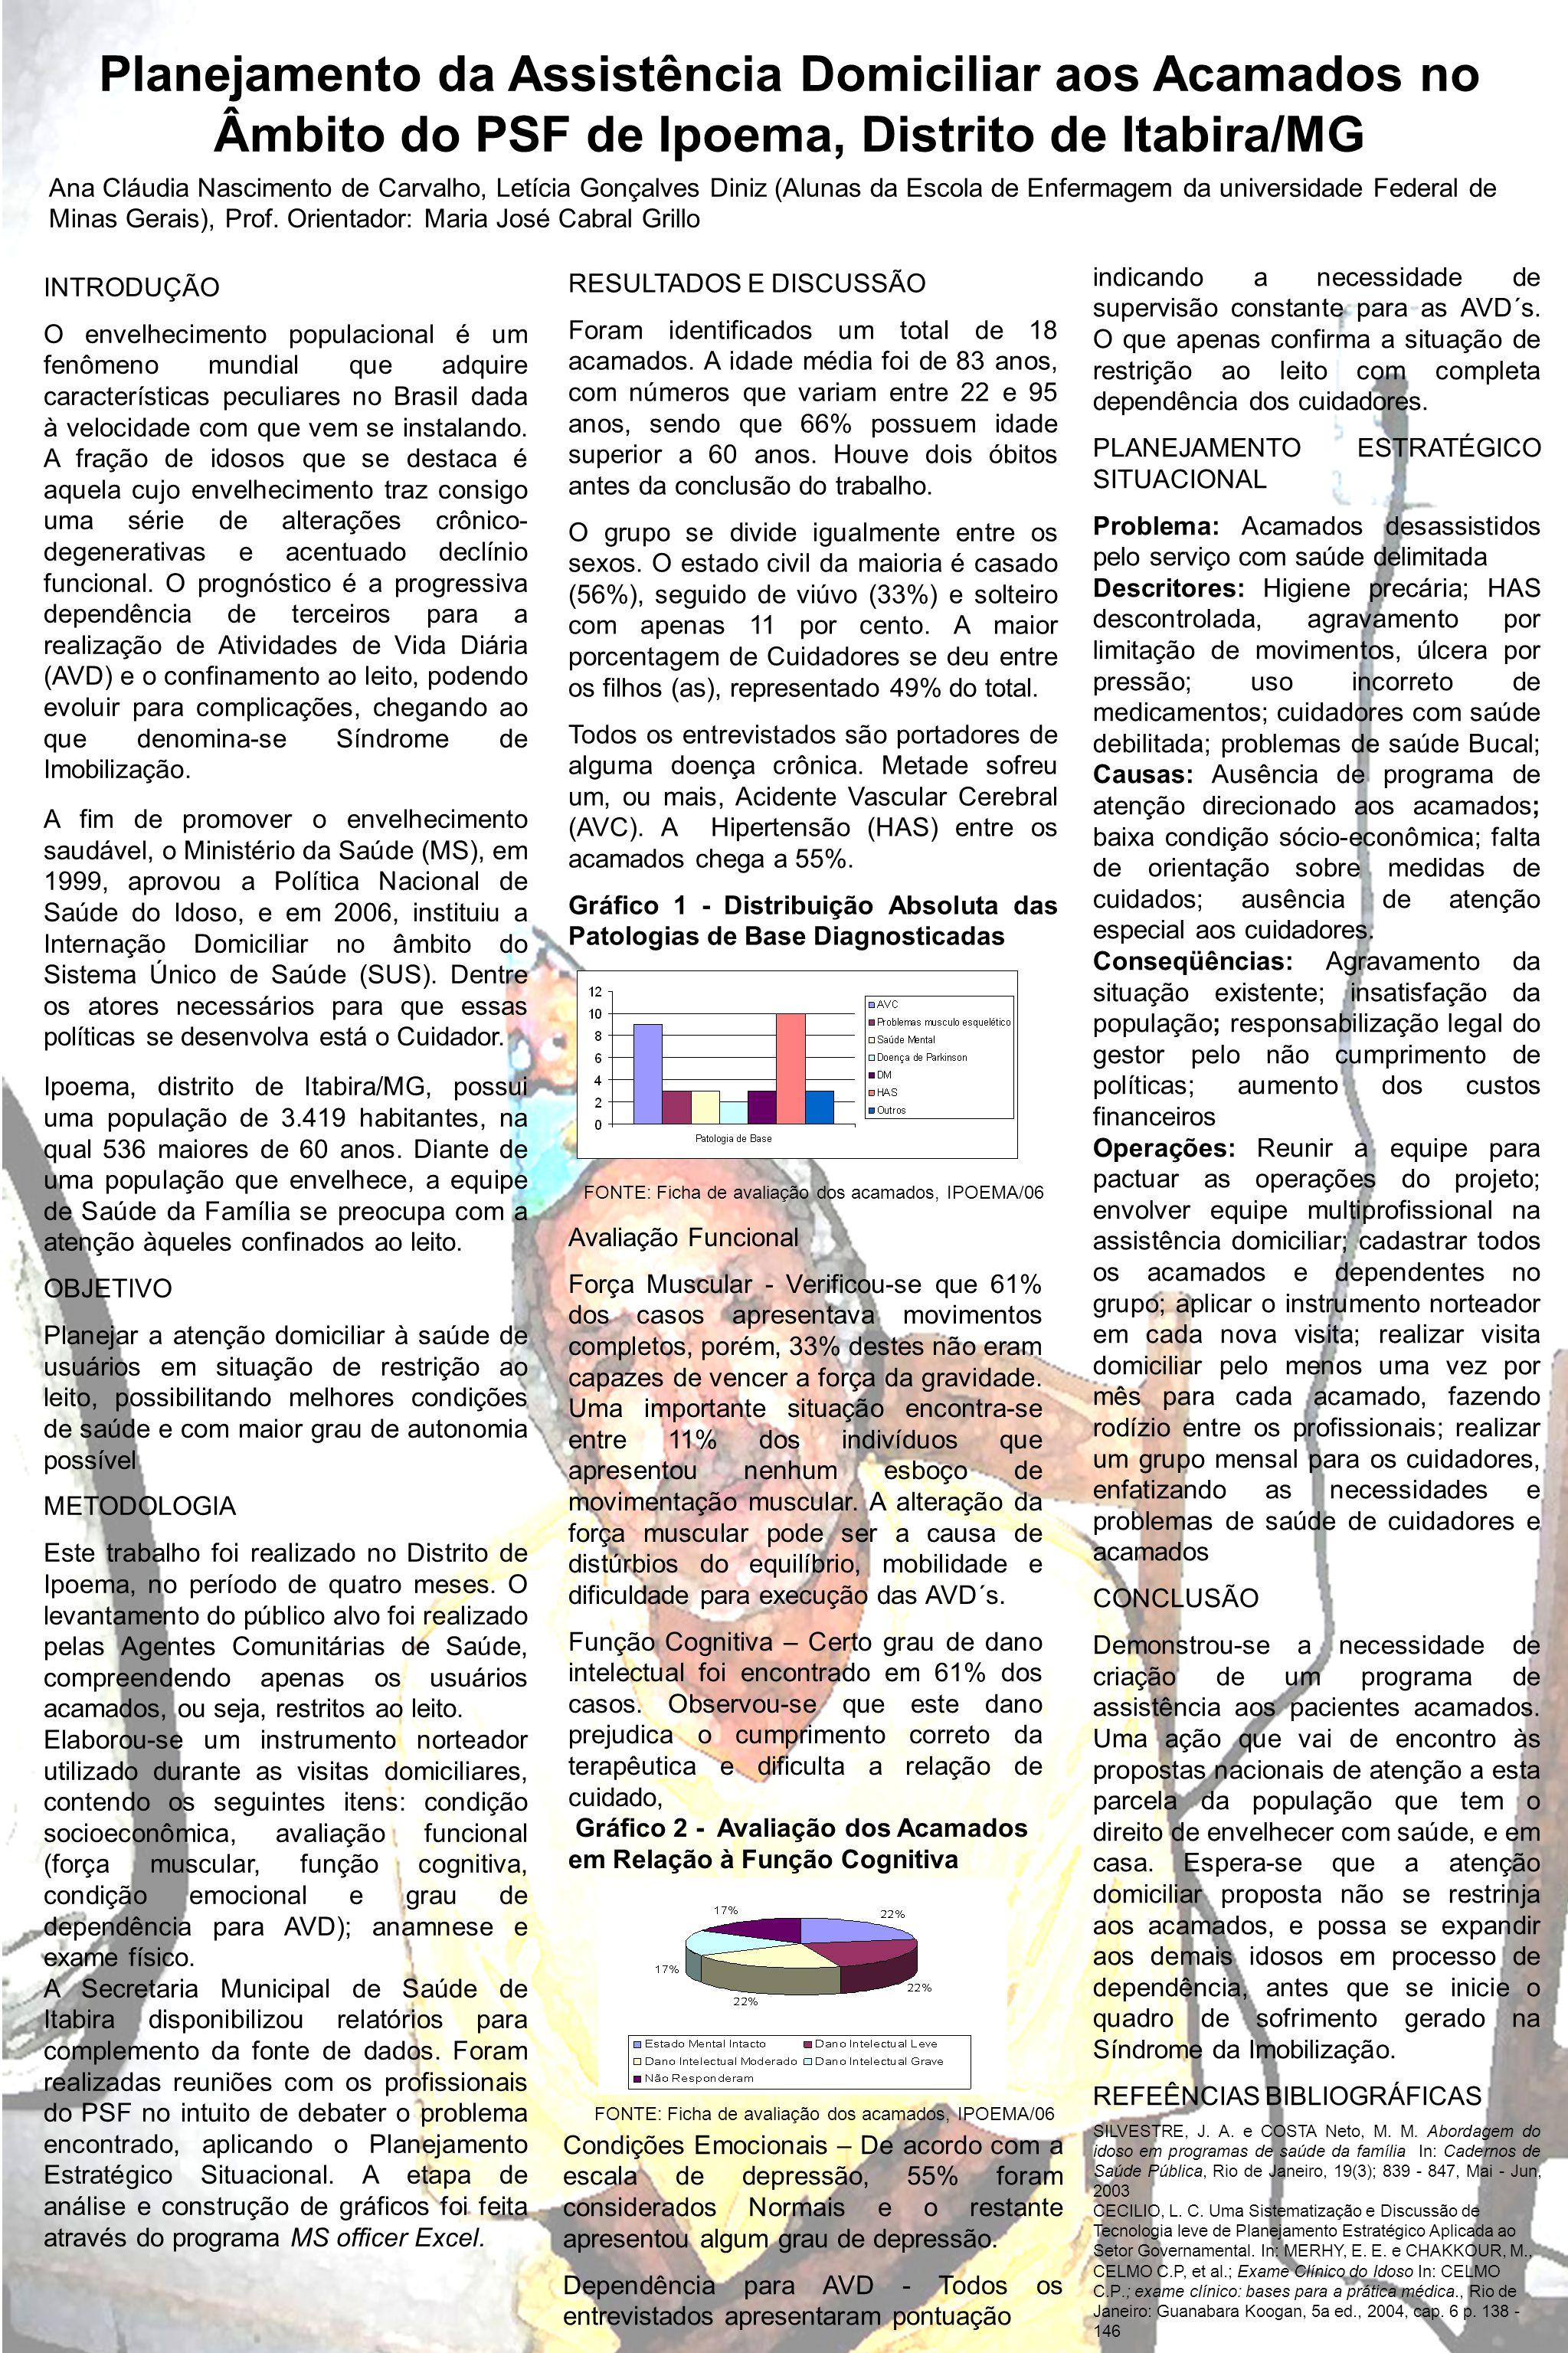 Planejamento da Assistência Domiciliar aos Acamados no Âmbito do PSF de Ipoema, Distrito de Itabira/MG